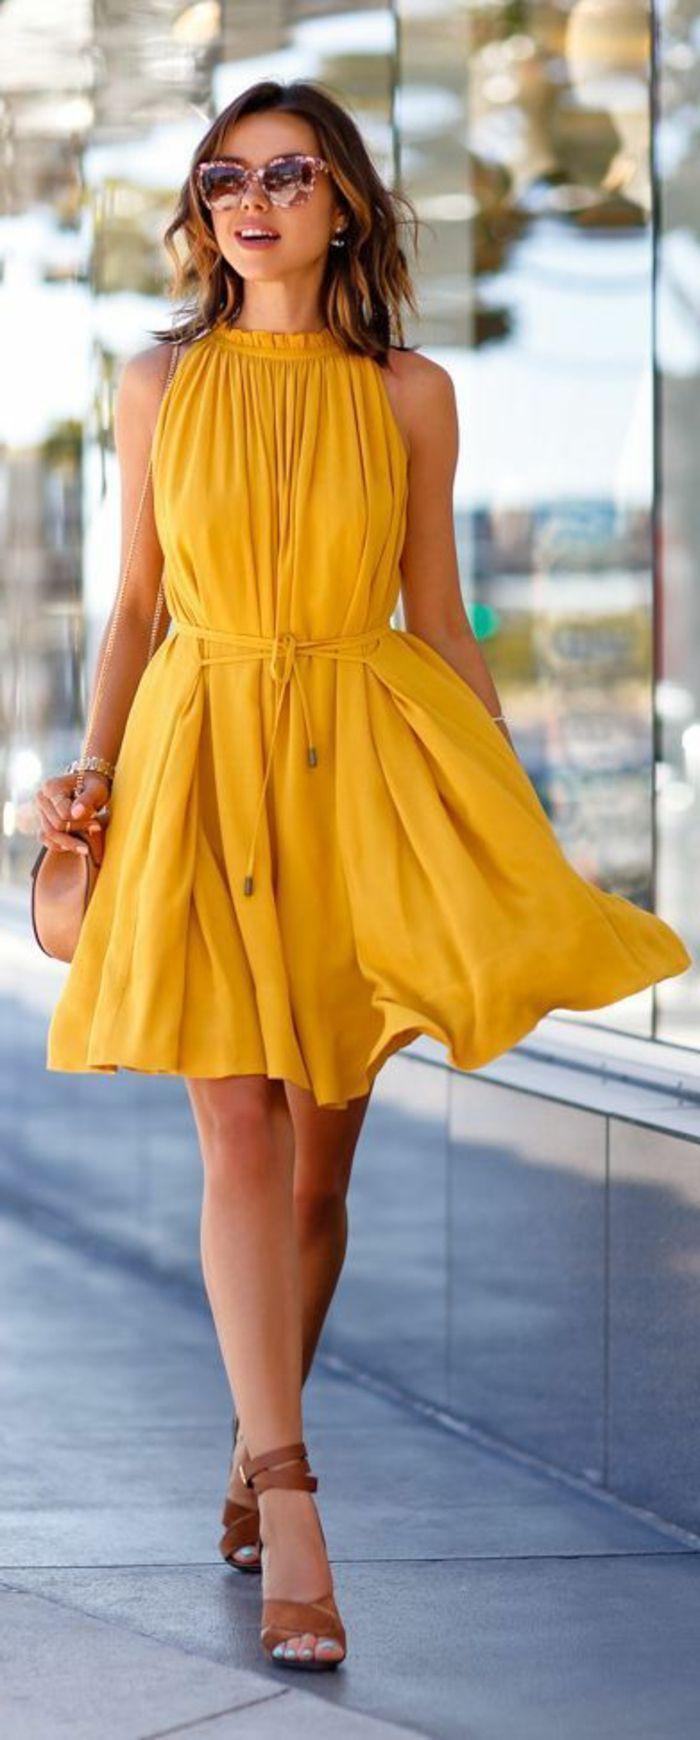 Bien connu Les 25 meilleures idées de la catégorie Robes de moutarde jaune  ZQ42